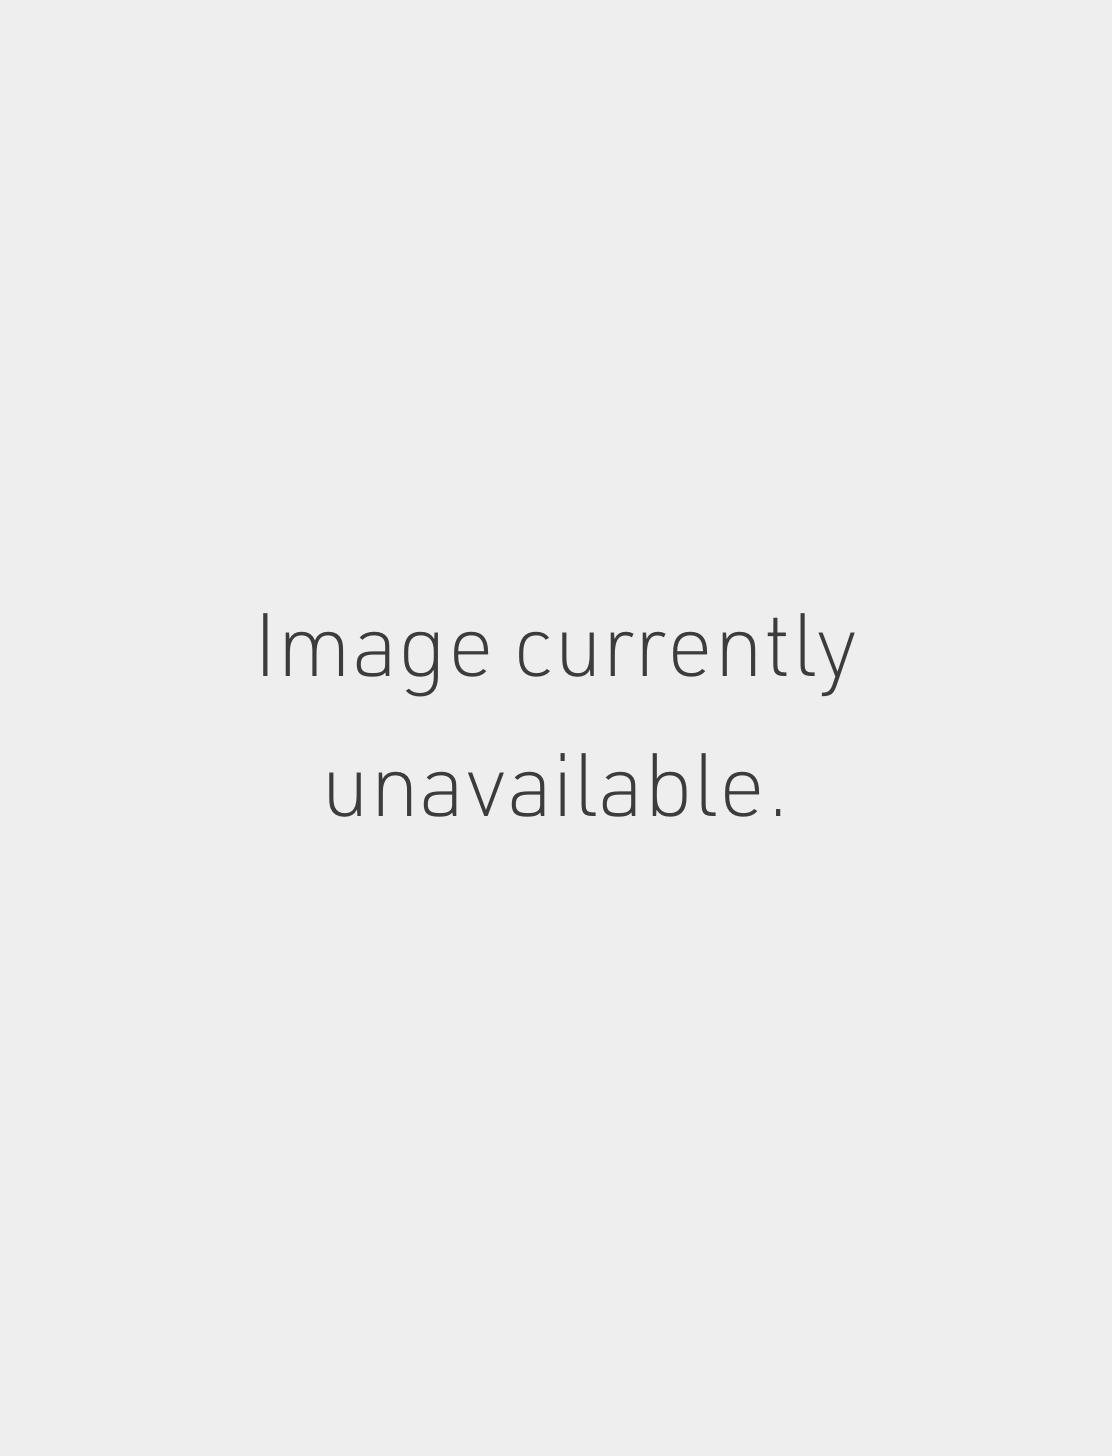 3mm Purple Diamond Scalloped Set Threaded Stud Image #1